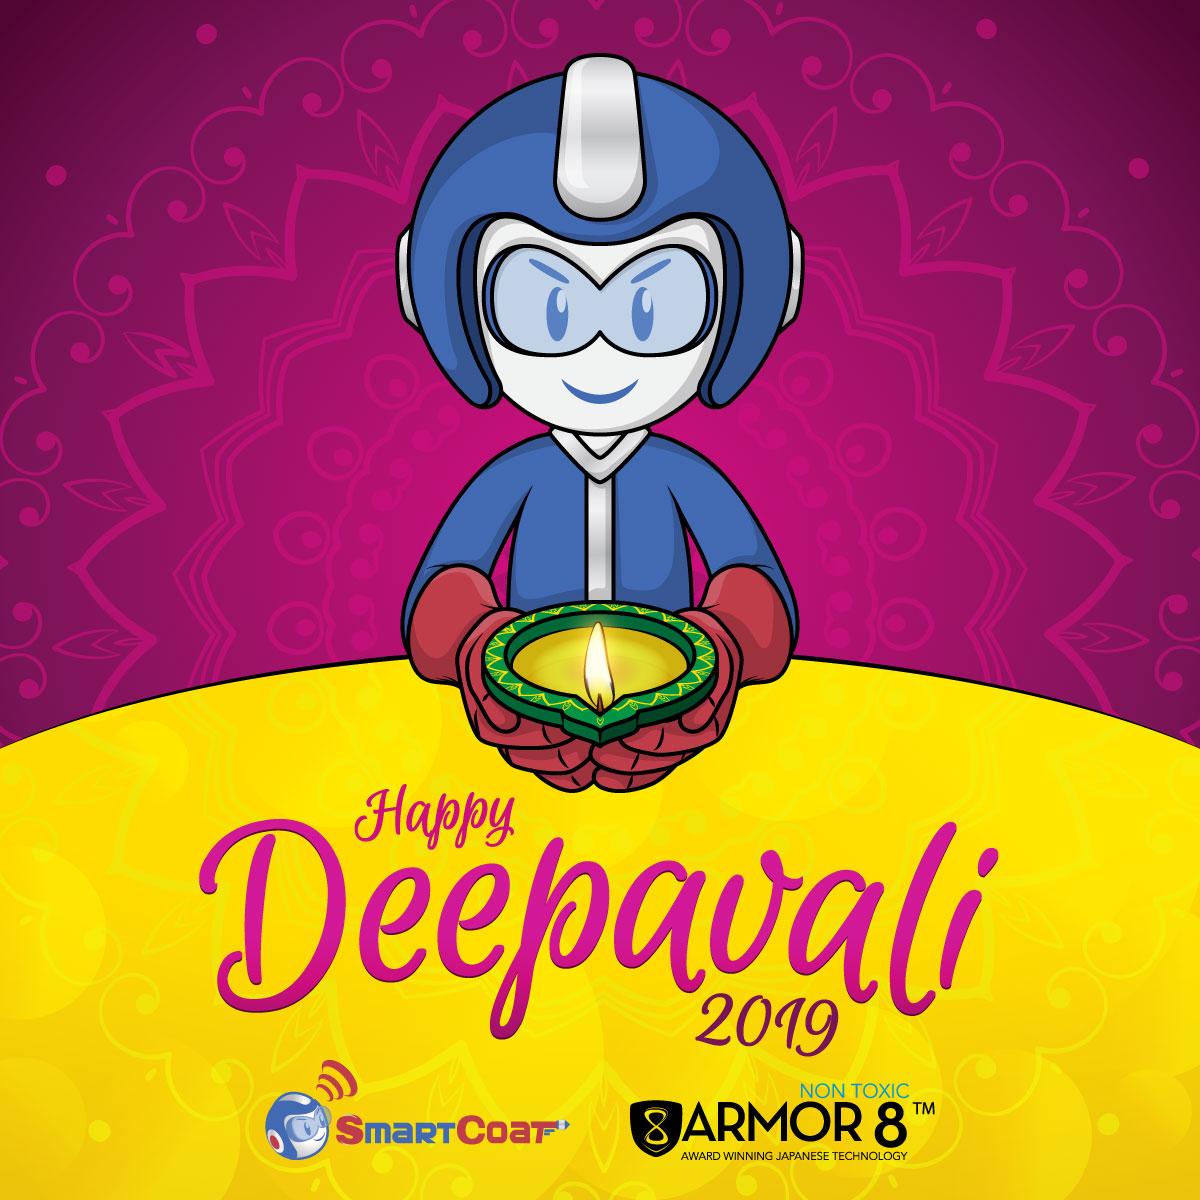 SmartCoat and Armor8 Happy Deepavali 2019 Facebook Post Design 04